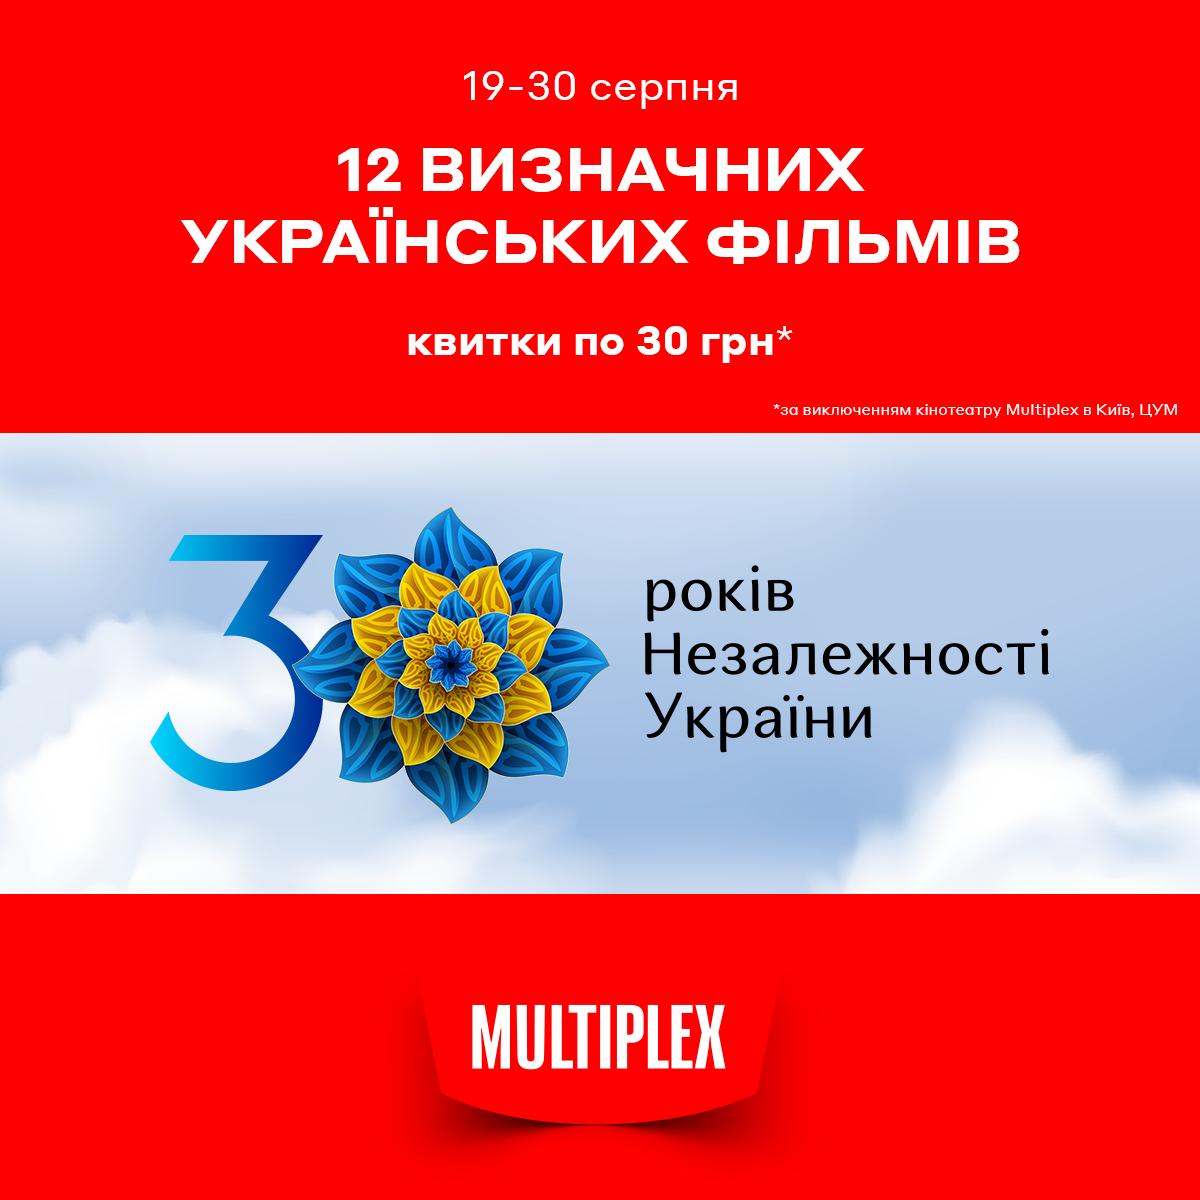 Куда пойти на День Независимости Украины в Киеве: интересные события 21, 22, 23 и 24 августа - фото №9